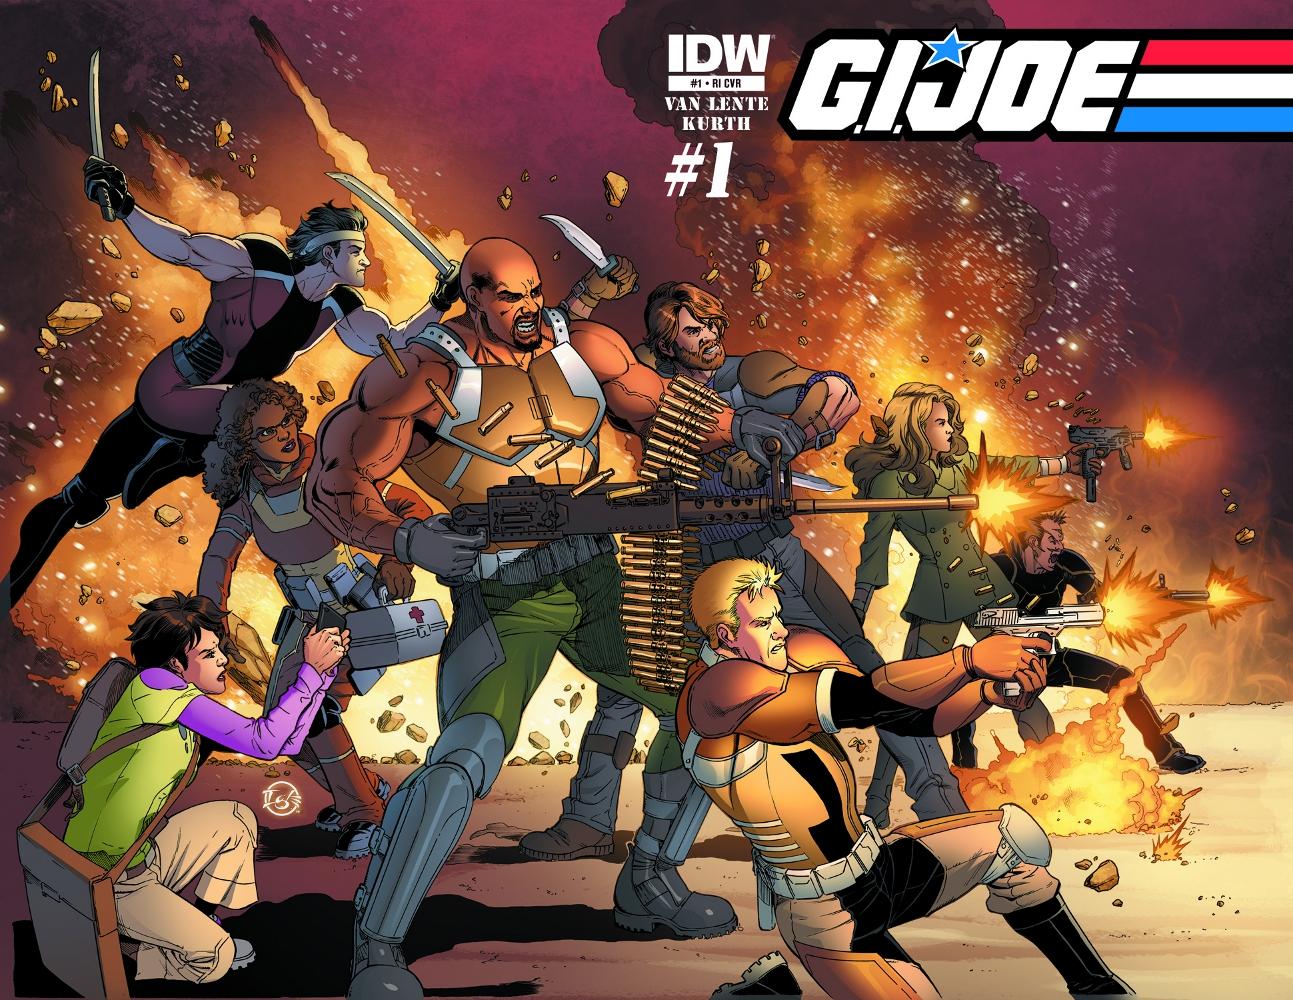 GIJOE New 01 CvrRI IDW PUBLISHING Solicitations for FEBRUARY 2013